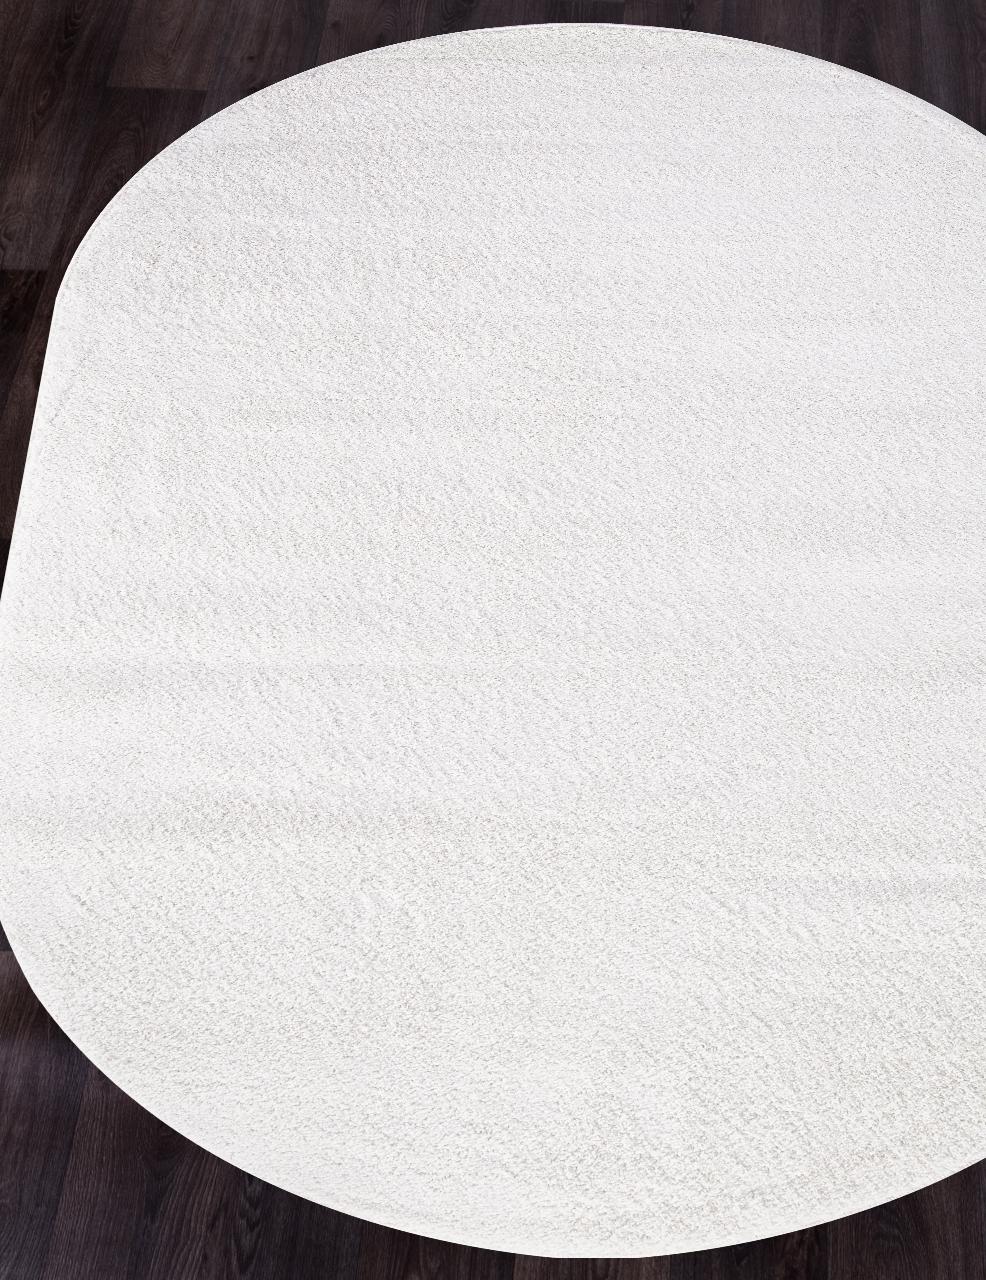 Ковер t600 - NATURAL - Овал - коллекция PLATINUM - фото 1